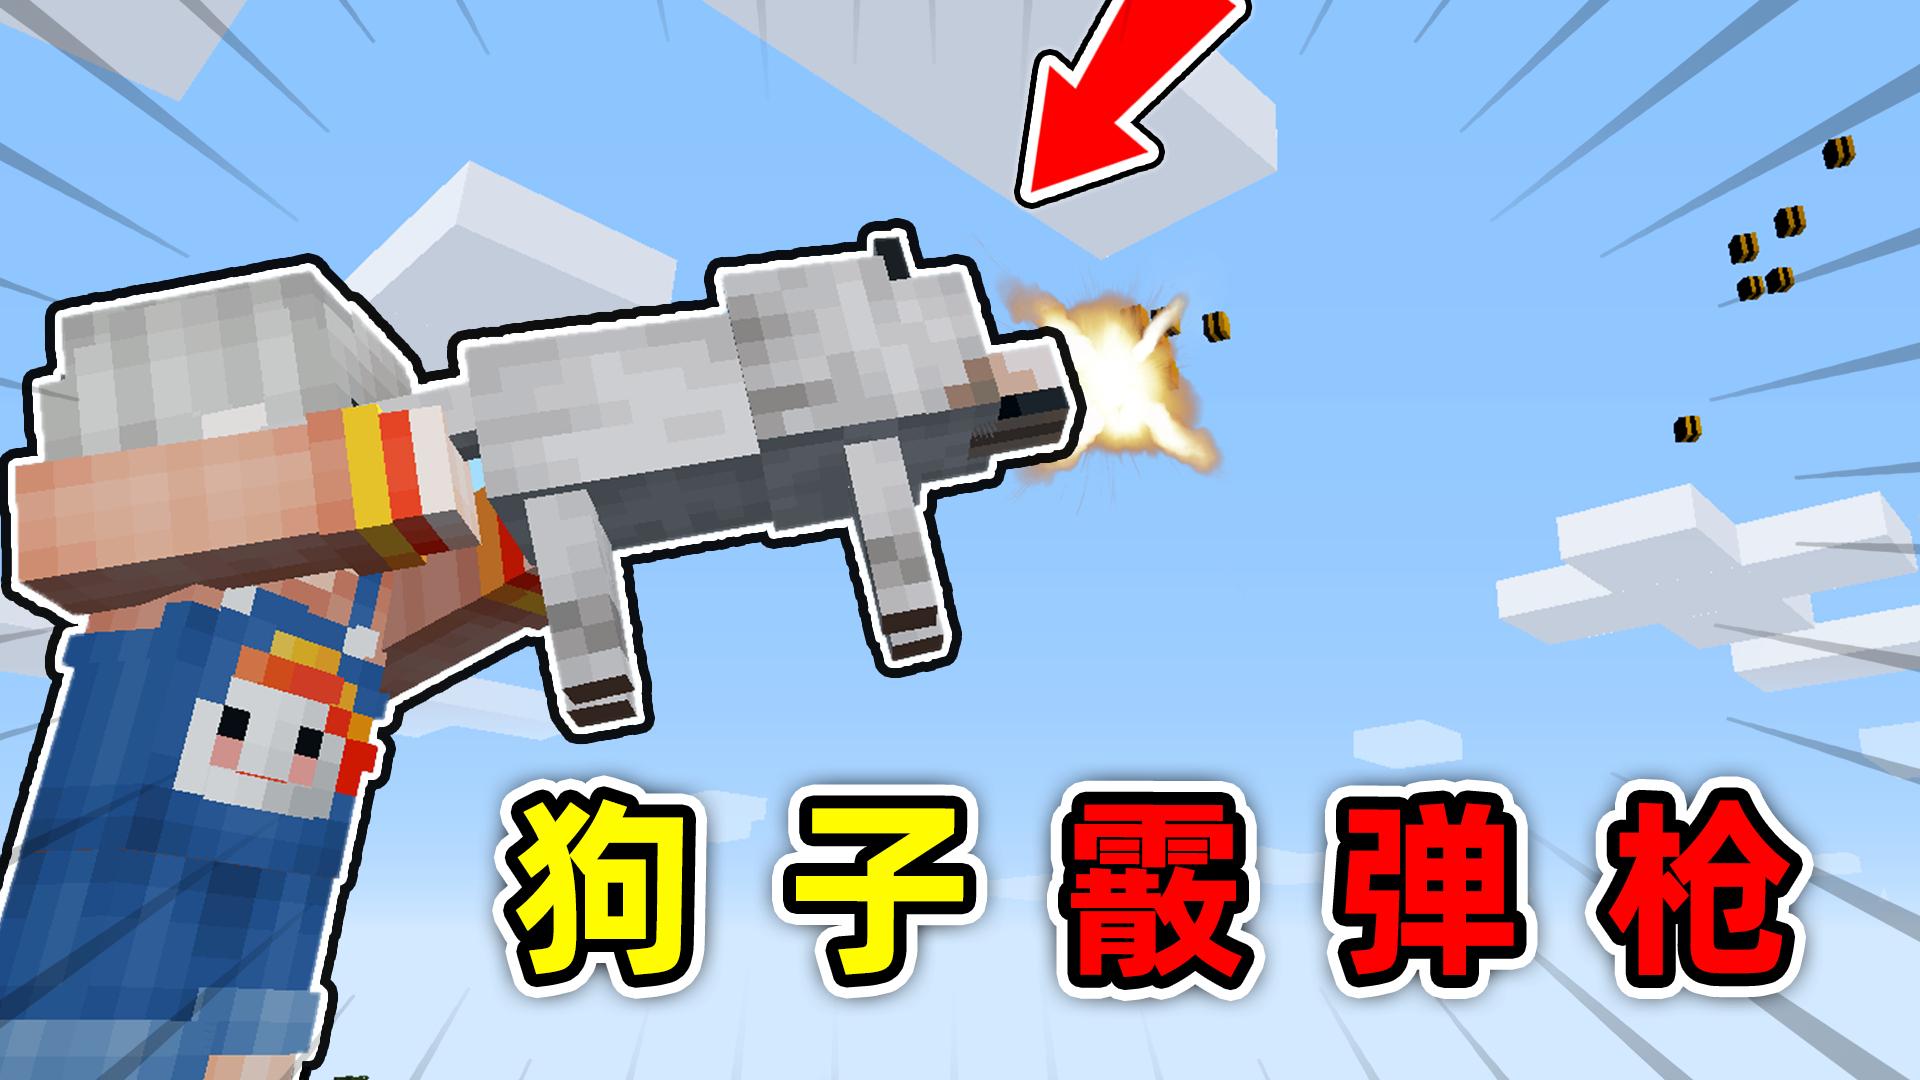 我的世界:狗子新使用方法?咆哮式全狗动霰弹枪,一秒狂喷14发!